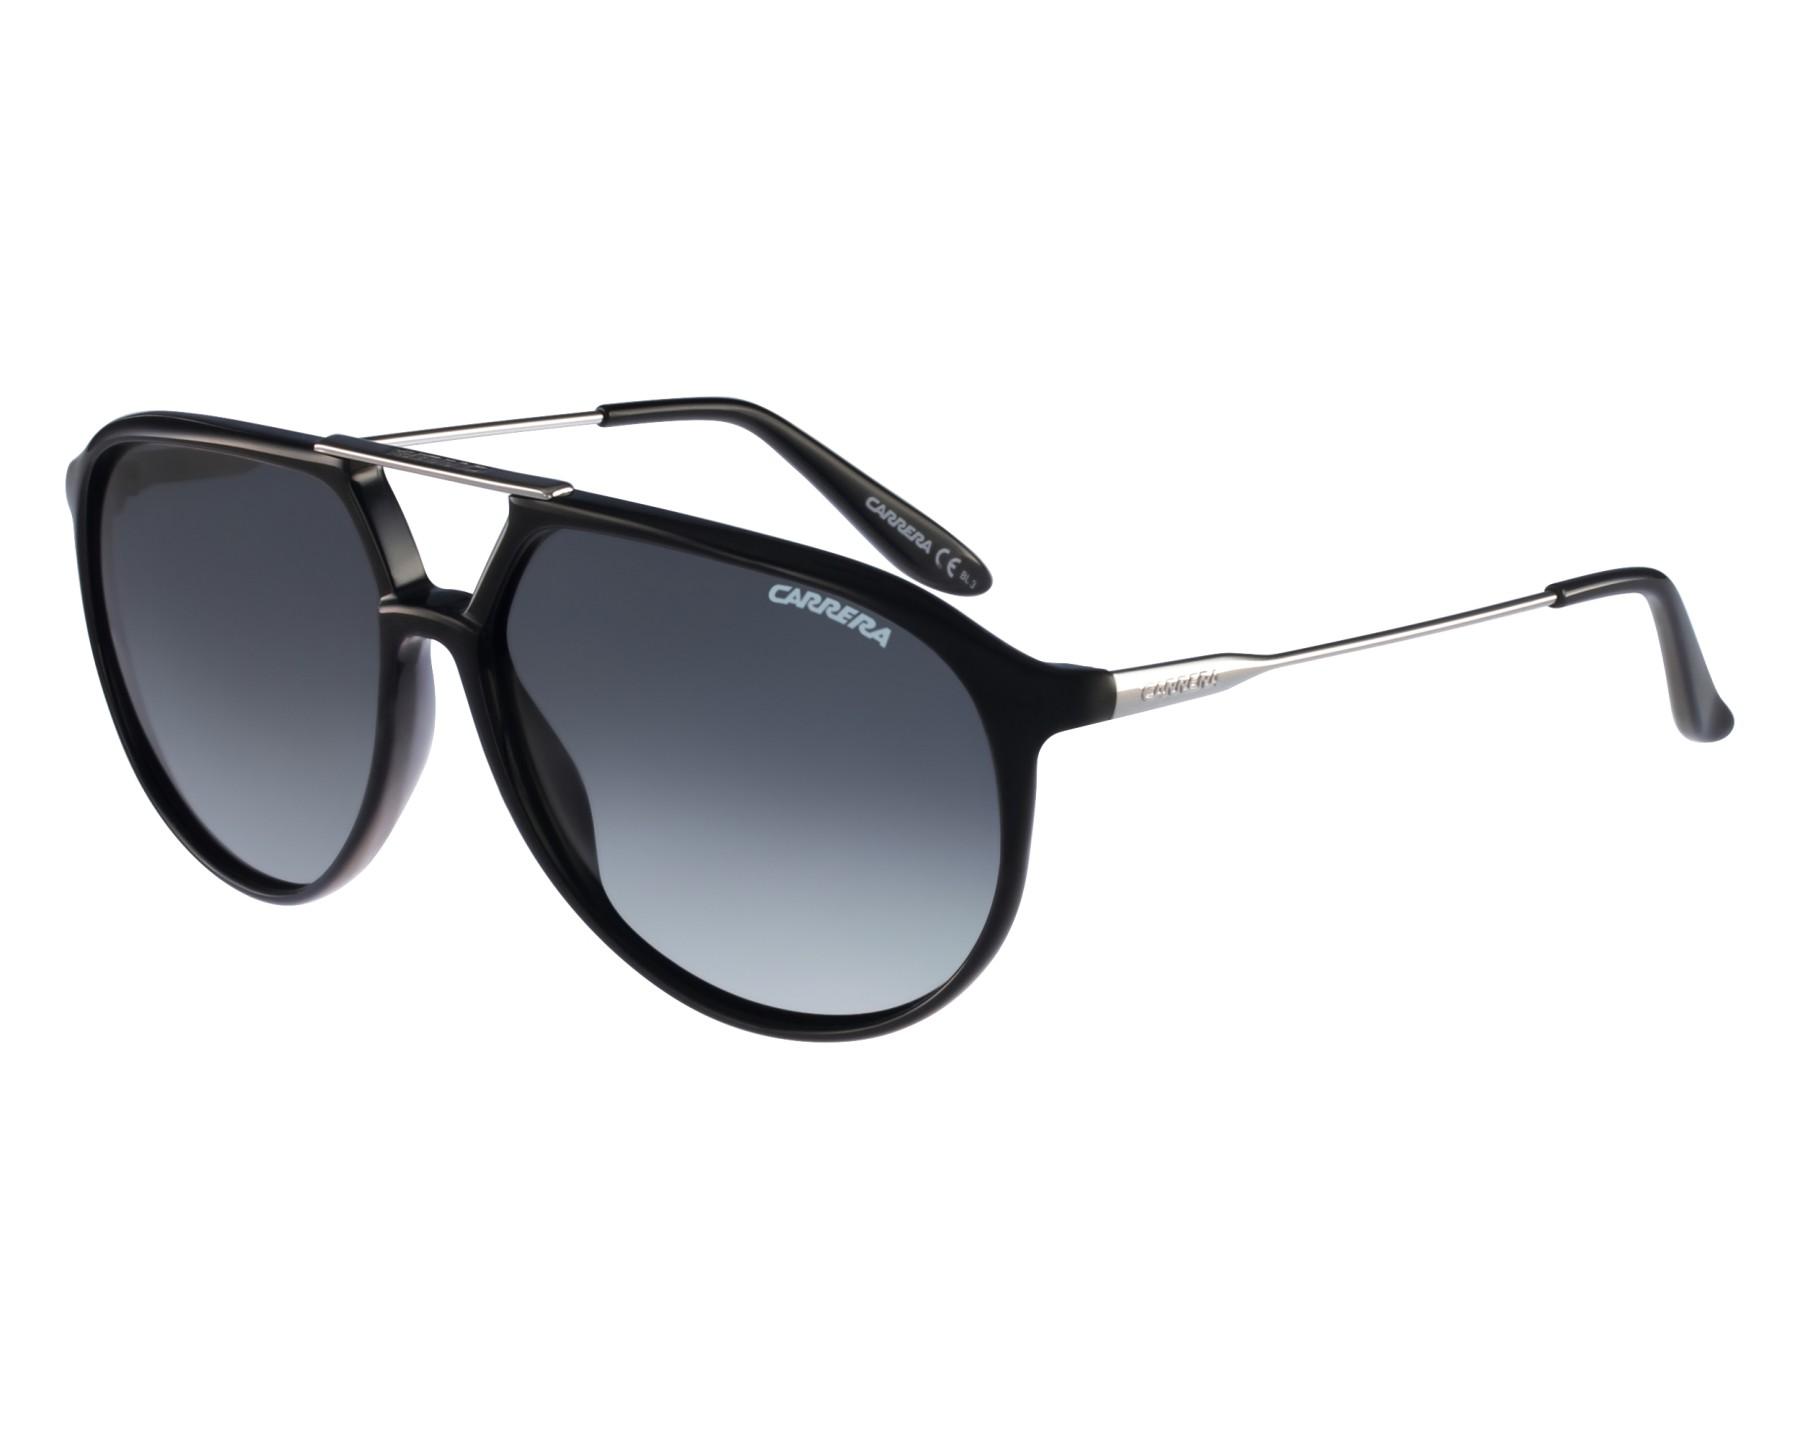 lunettes de soleil de carrera en carrera c9